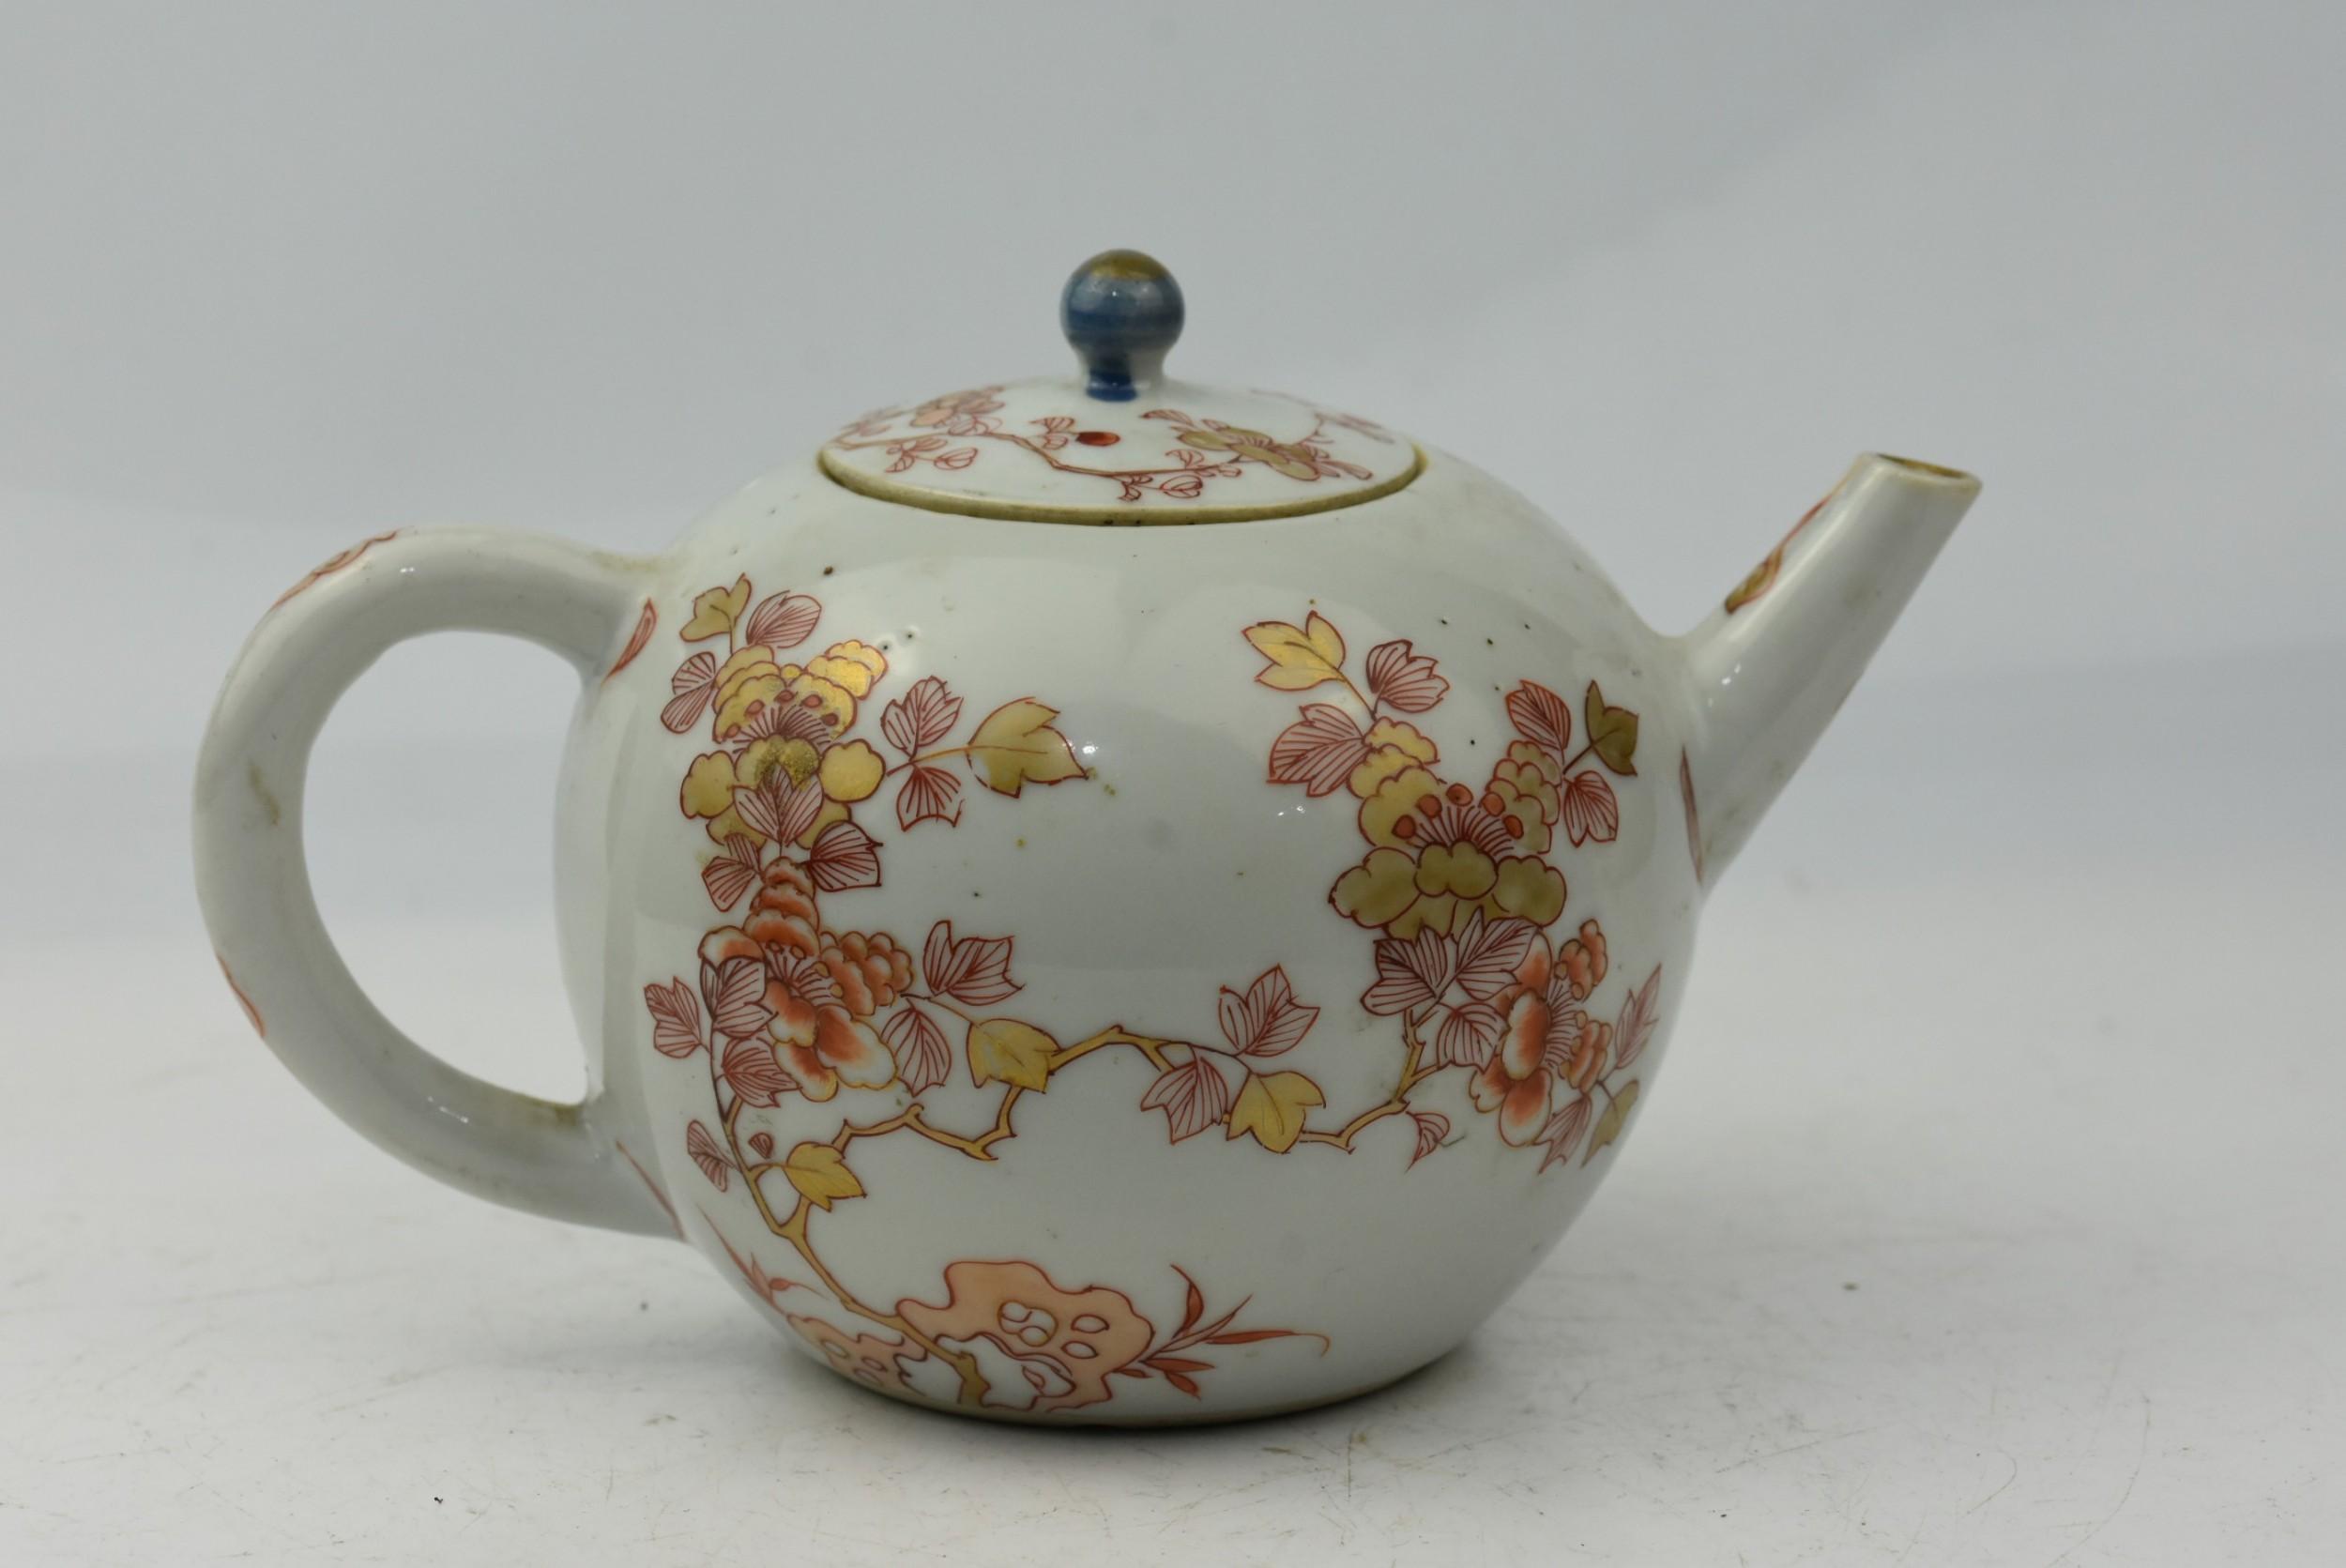 18th century rouge de fer porcelain bullet shaped teapot and cover c1700